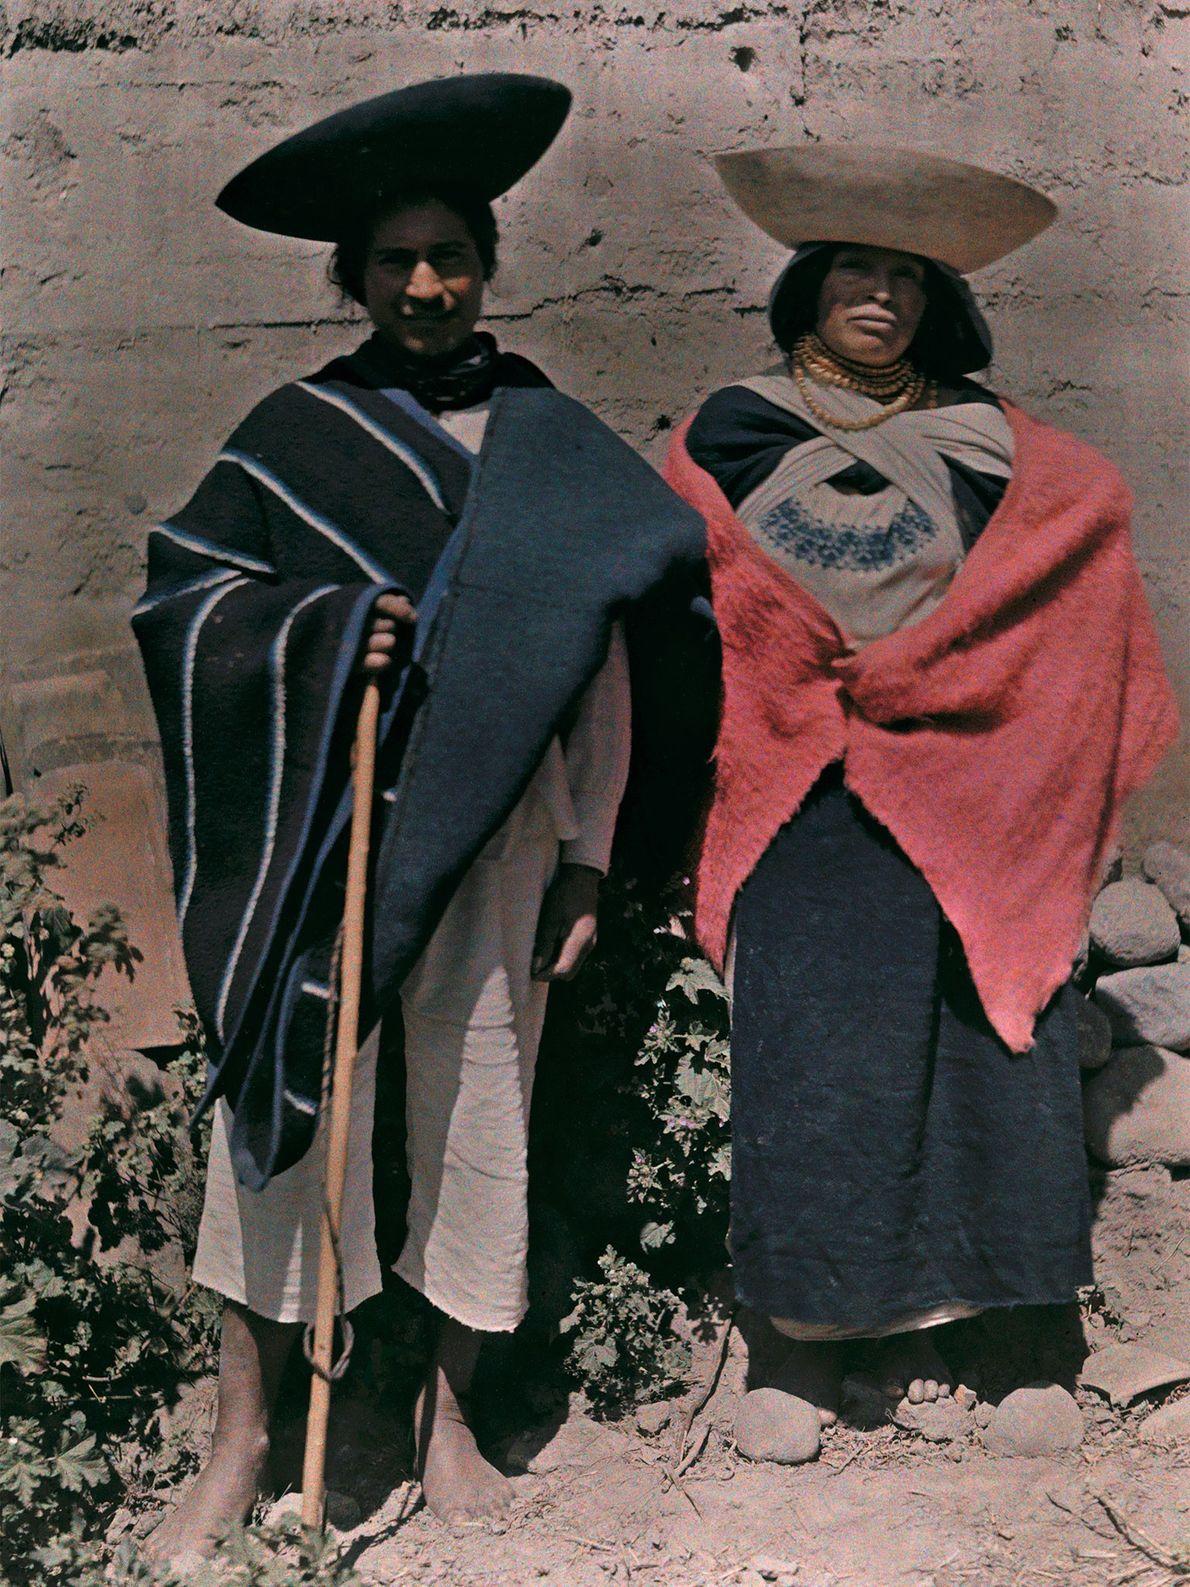 Ein Mann und eine Frau aus Otavalo in Ecuador mit schalenförmigen Hüten.